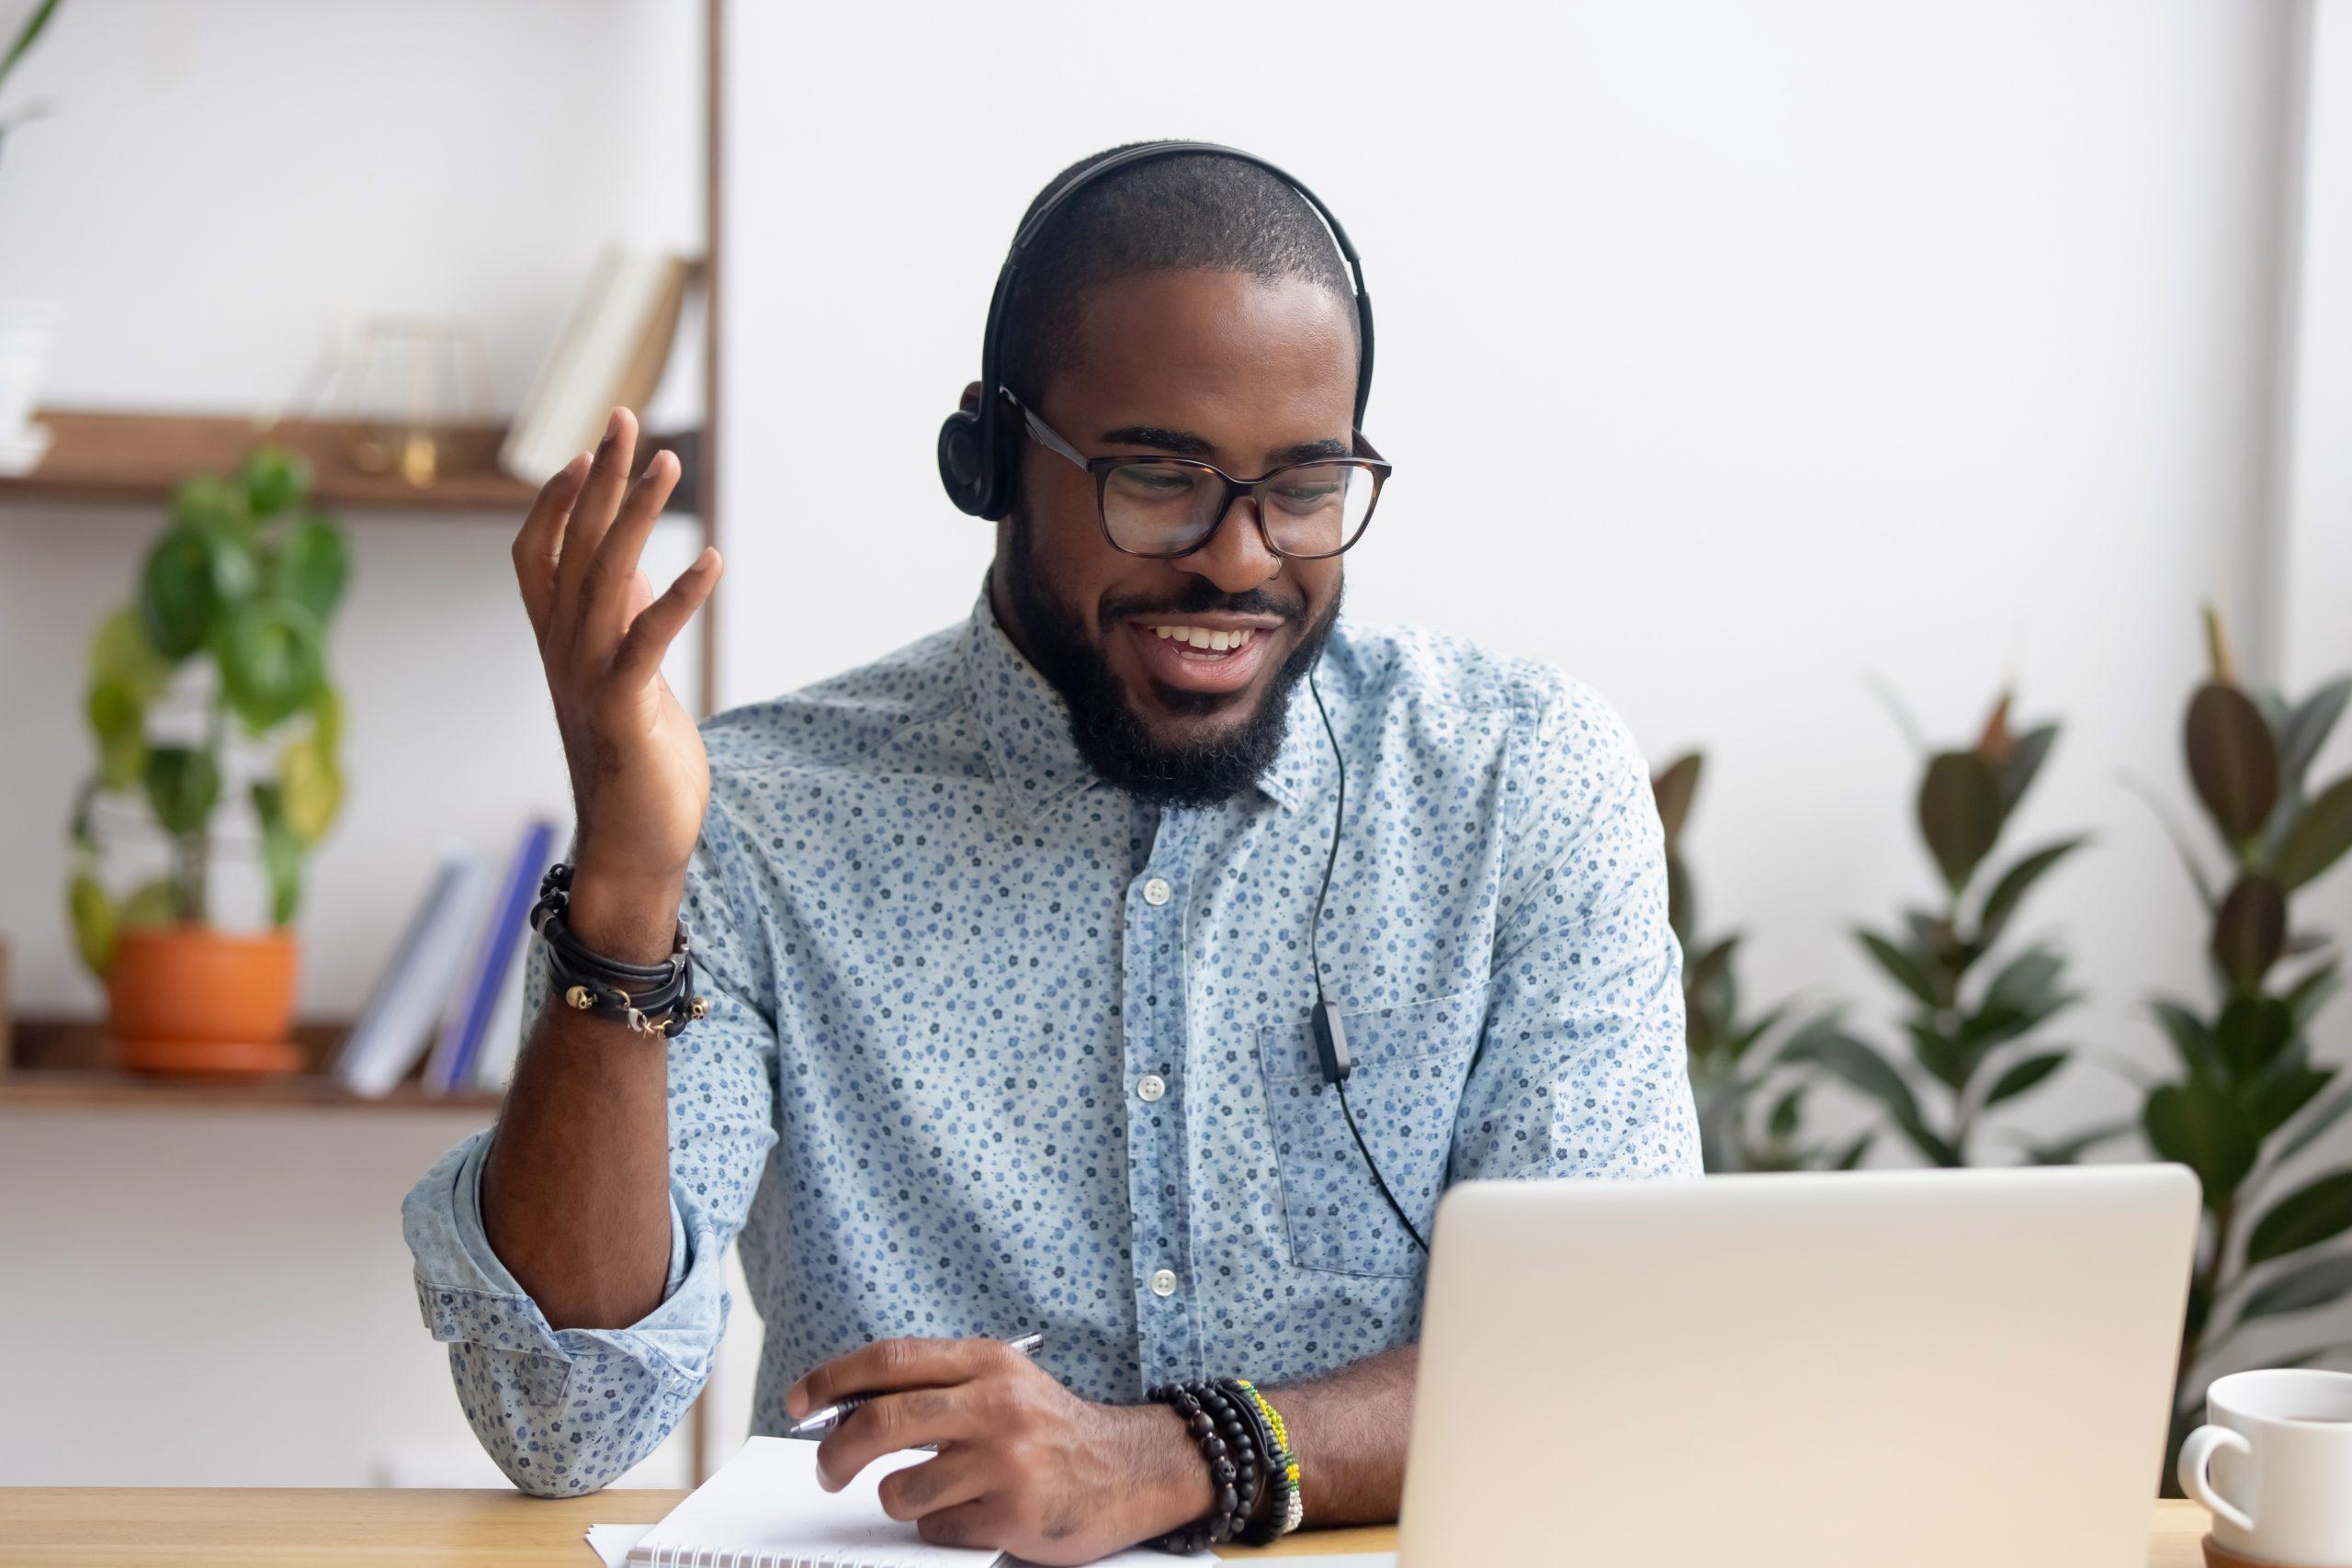 O Que Fazer Na Quarentena Cursos Online Gratuitos Vagas Profissoes